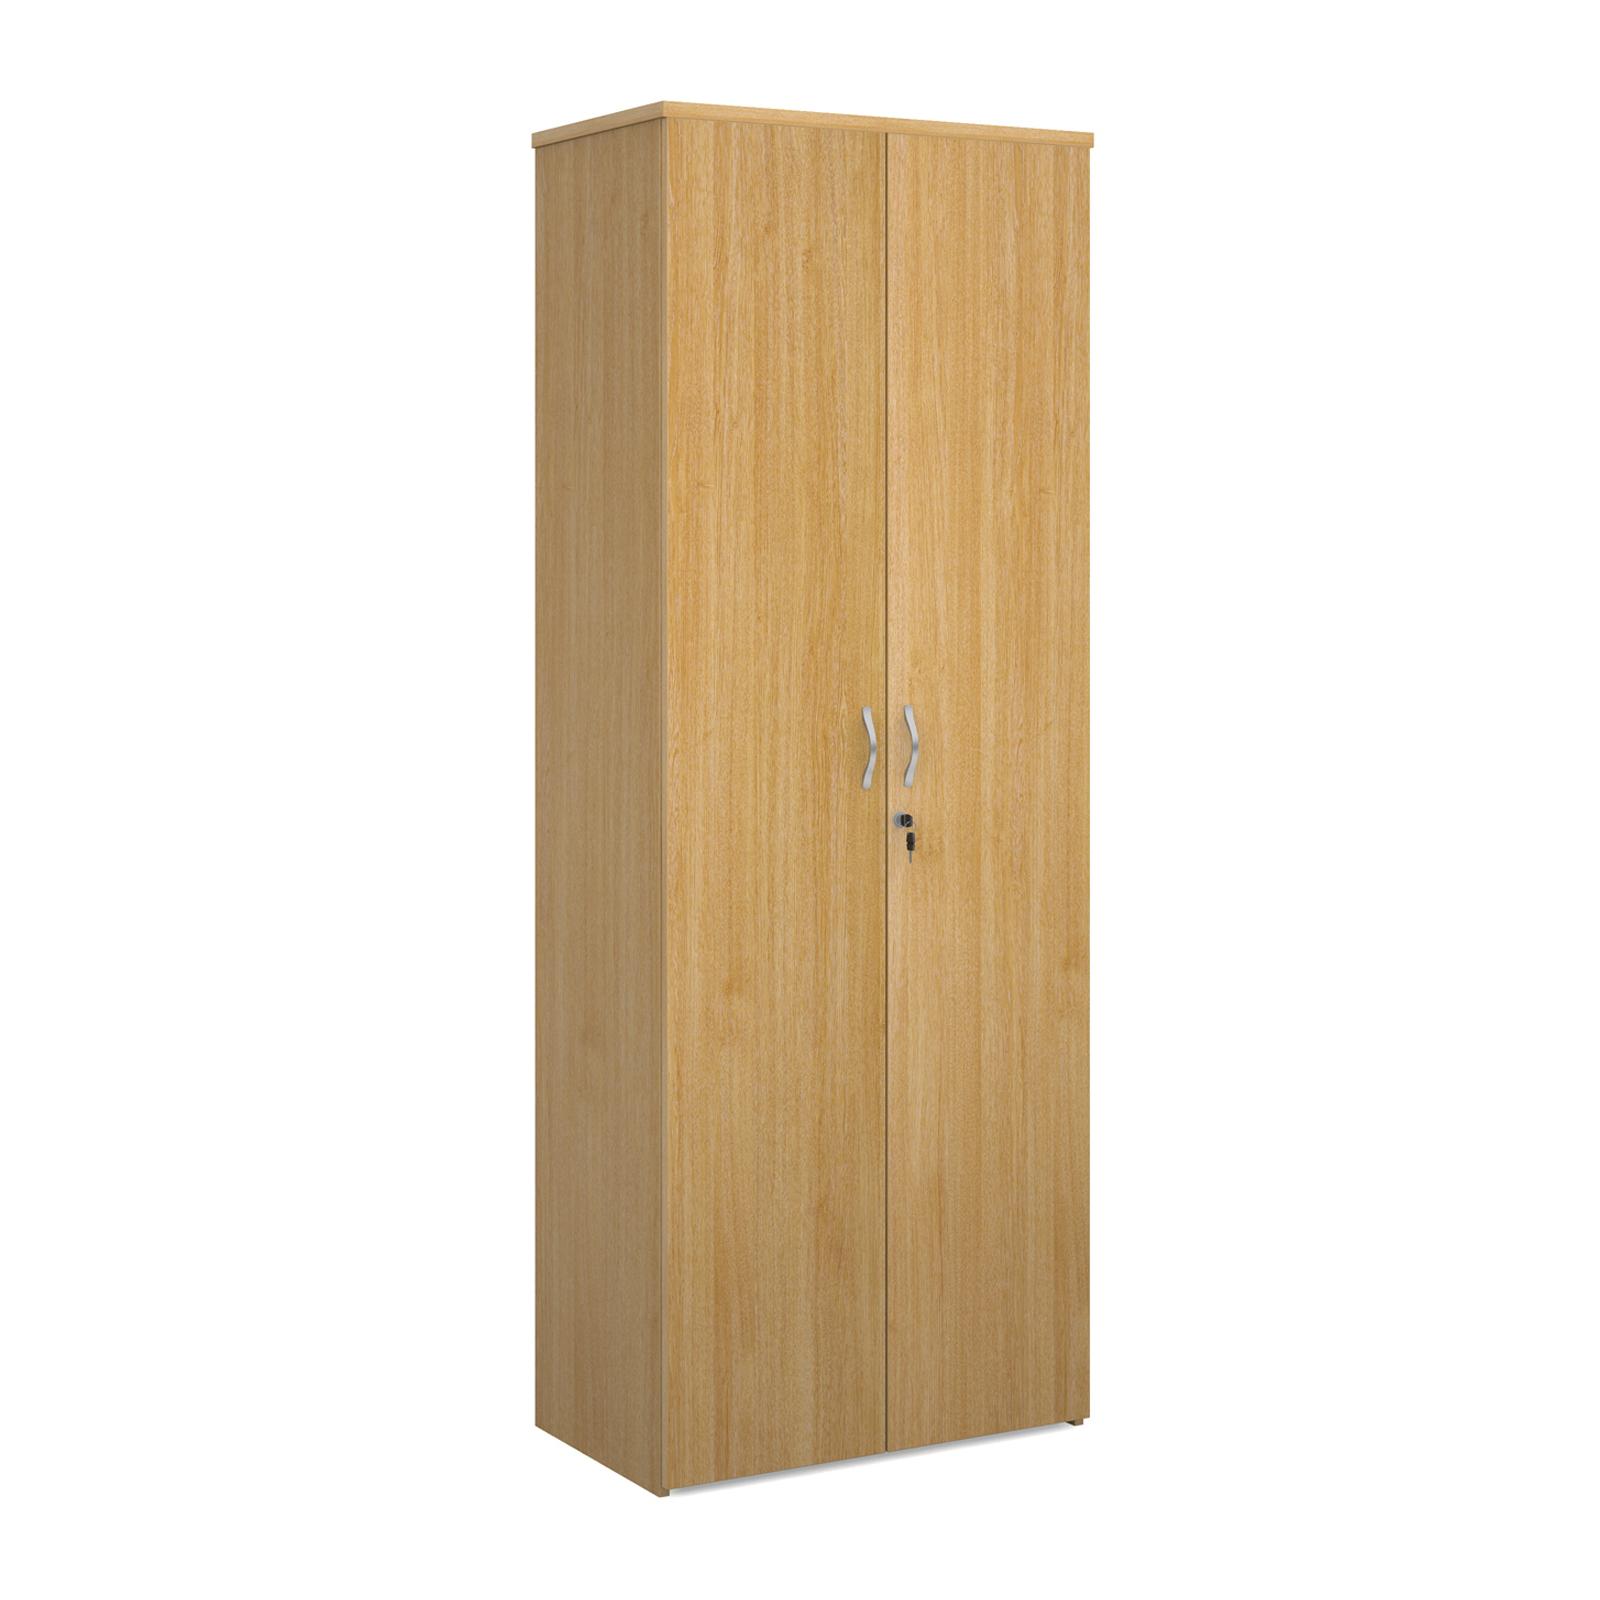 Over 1200mm High Universal double door cupboard 2140mm high with 5 shelves - oak